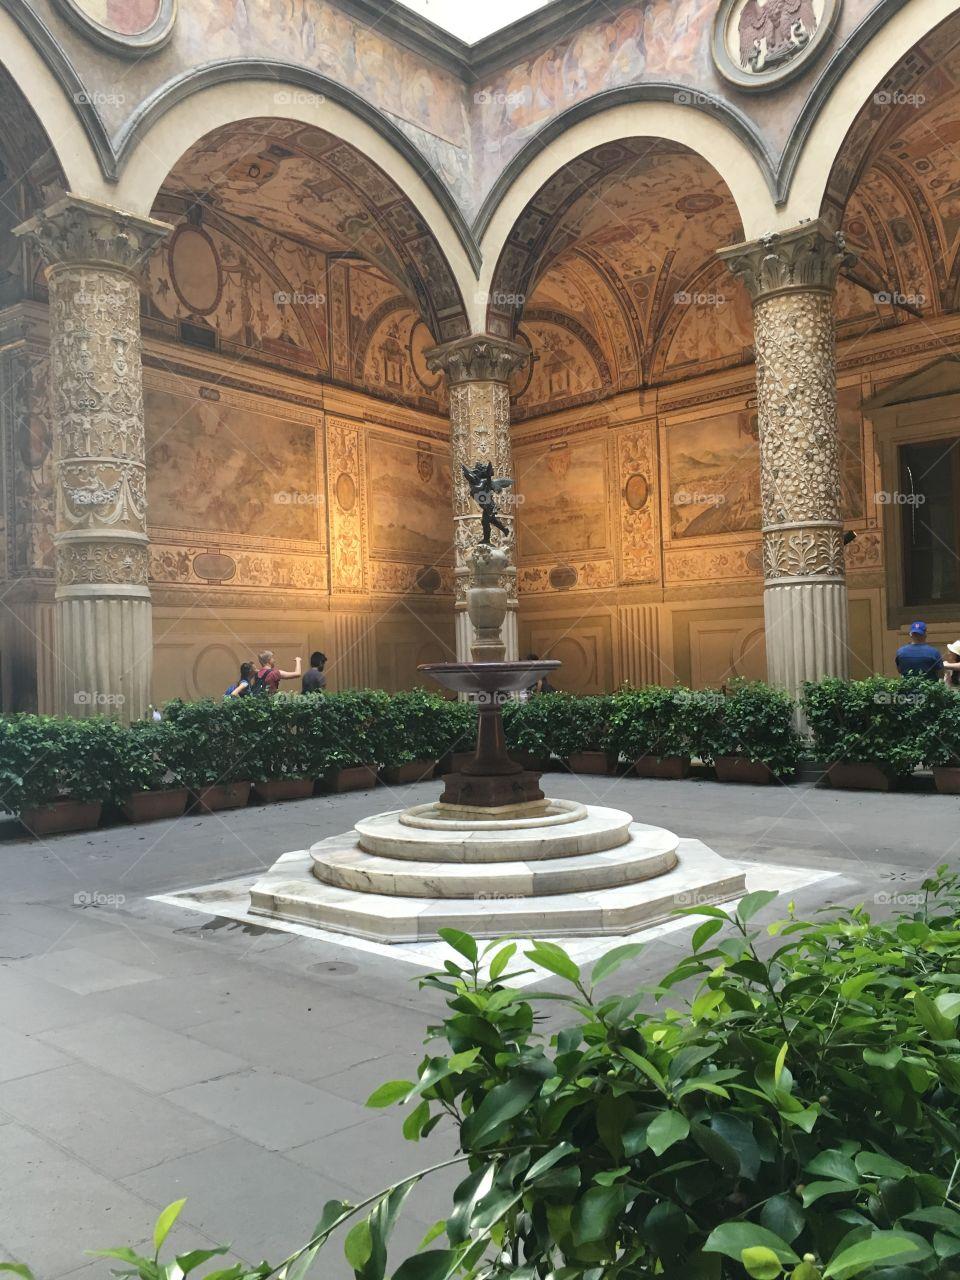 Cortile interno Palazzo Vecchio, Firenze, Toscana, Italia